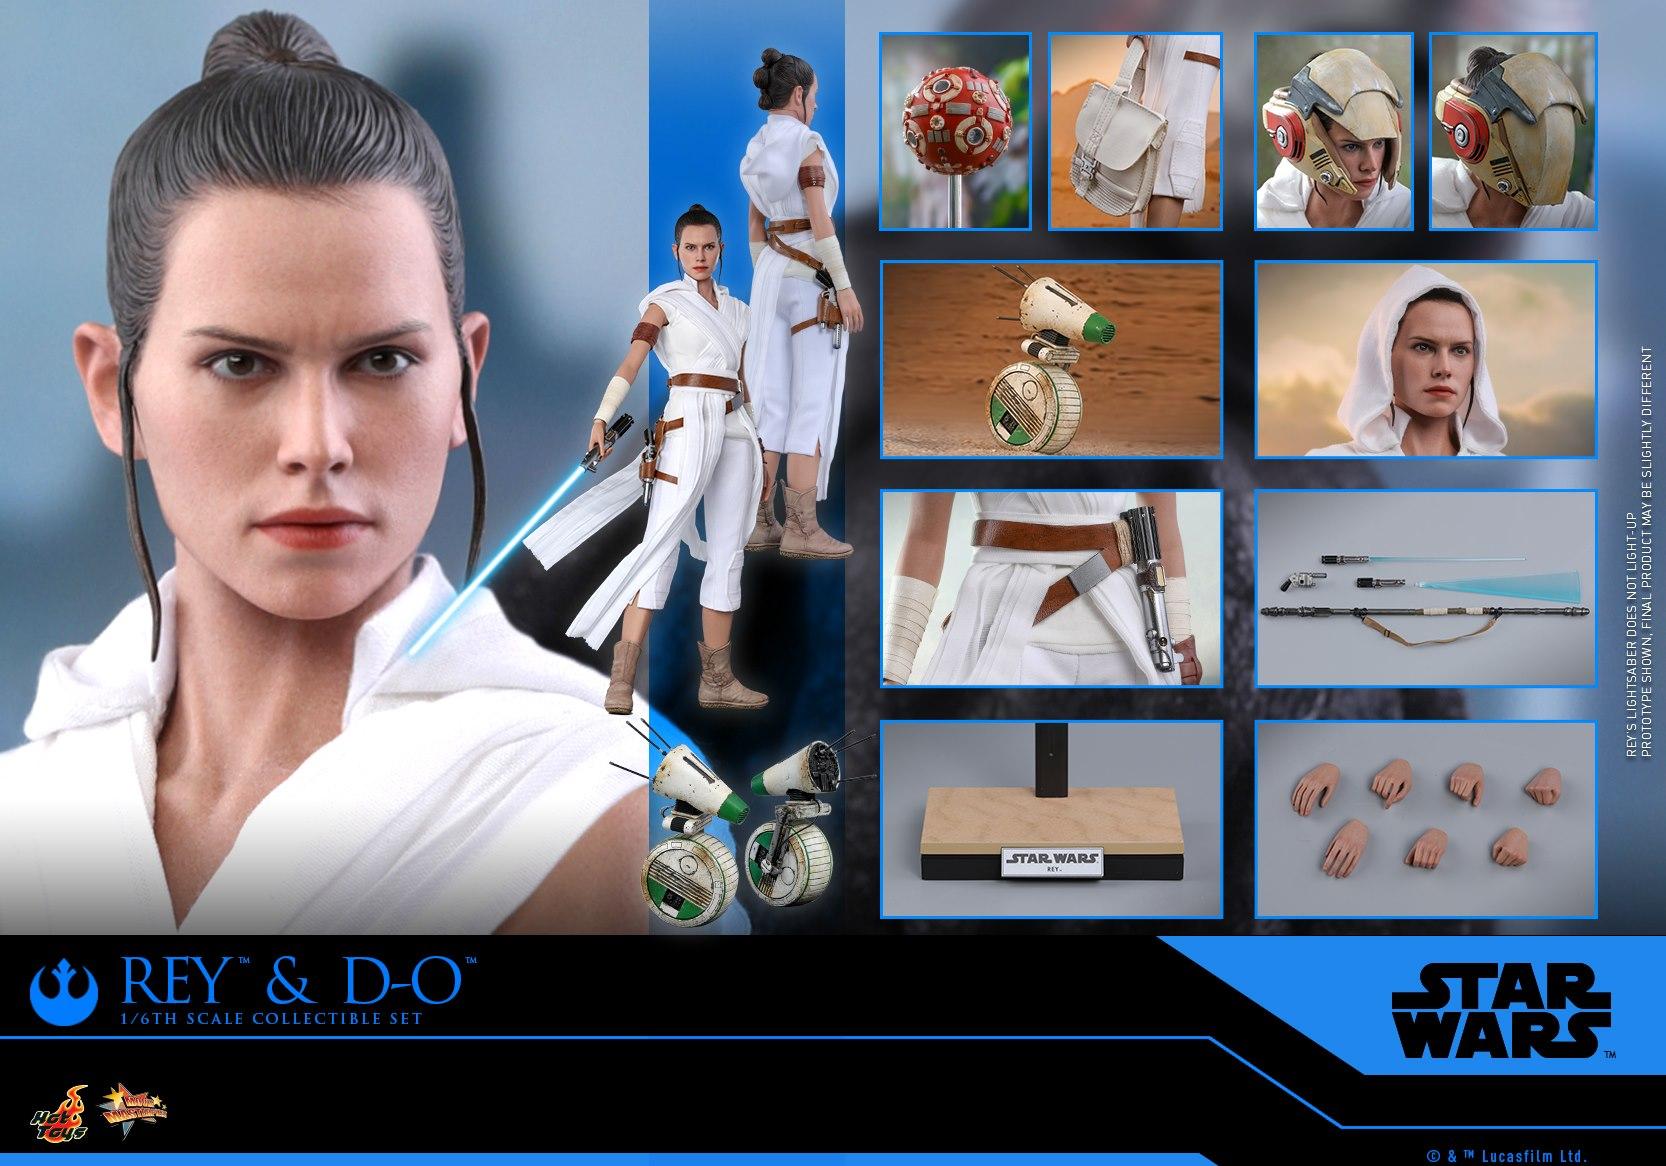 Hot Toys Rey & D-O